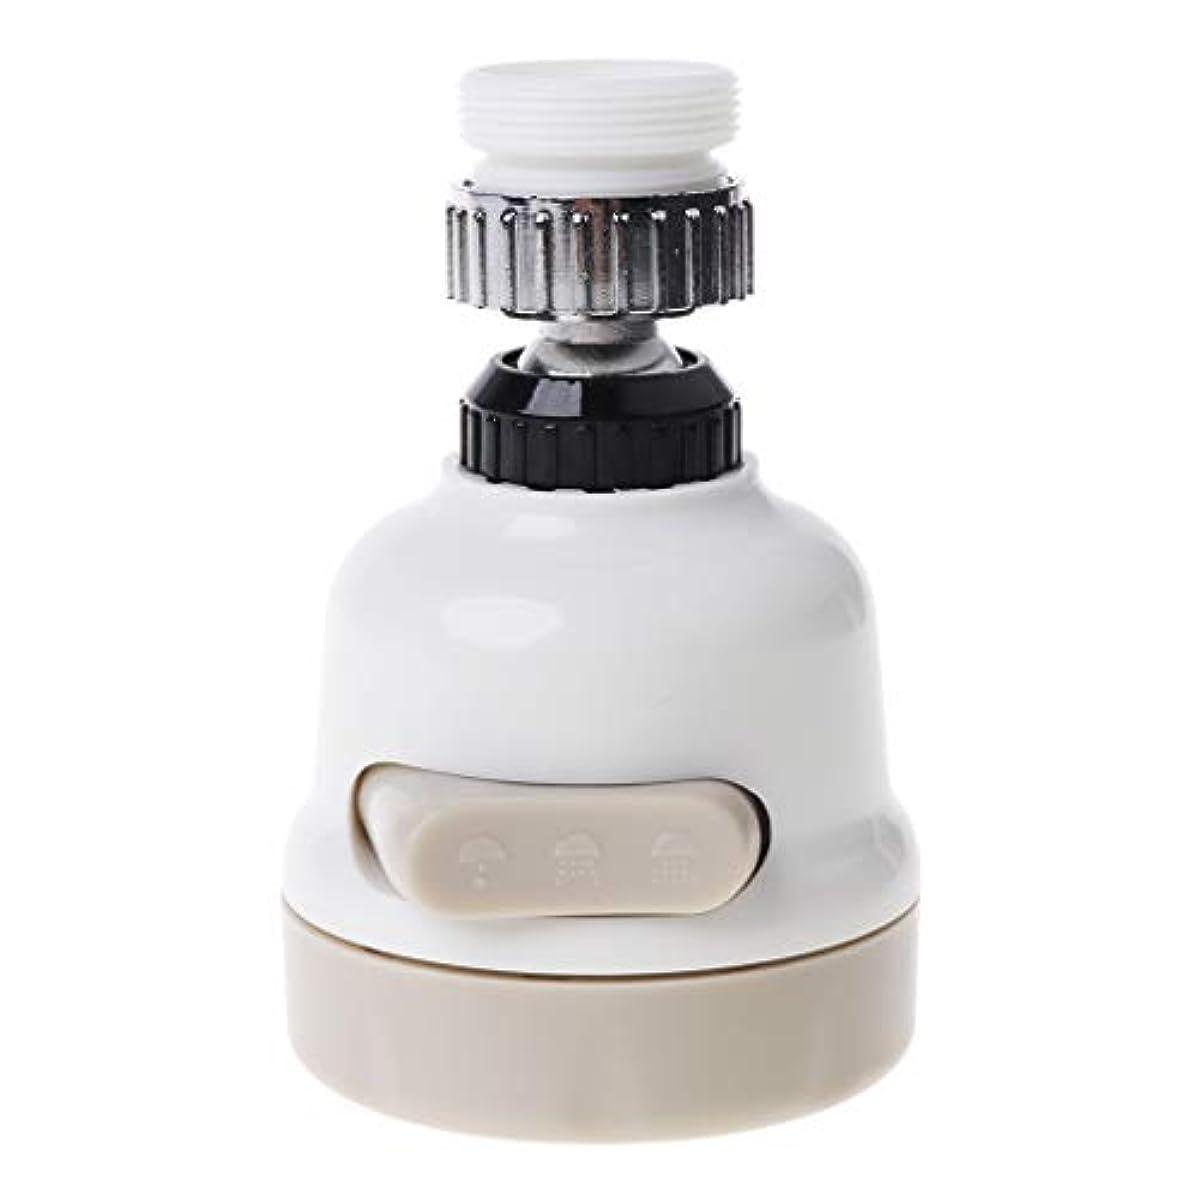 注釈を付けるシーケンスながらLamdoo360?回転蛇口フィルターアダプター節水タップディフューザーバスルームキッチン